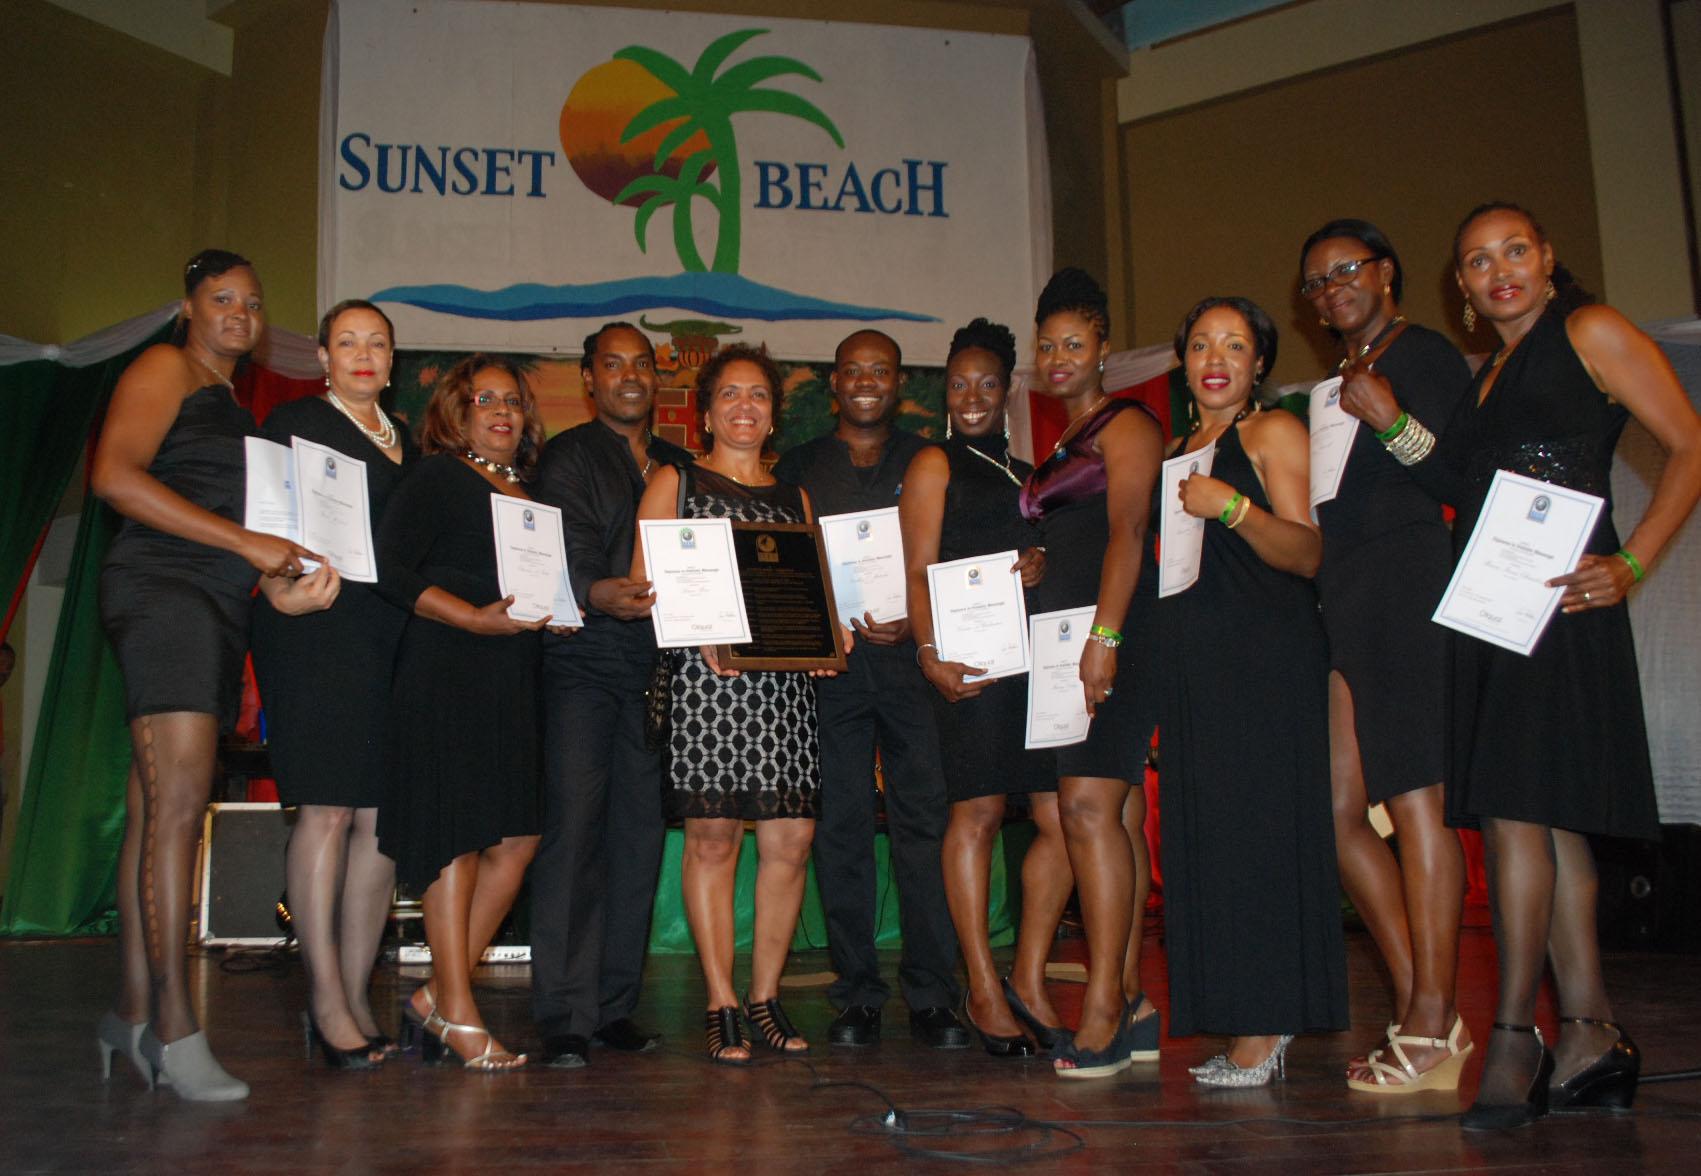 caribbean wellness trailblazer inspiring a new brand of massage caribbean wellness trailblazer inspiring a new brand of massage therapist news online most popular cakafete